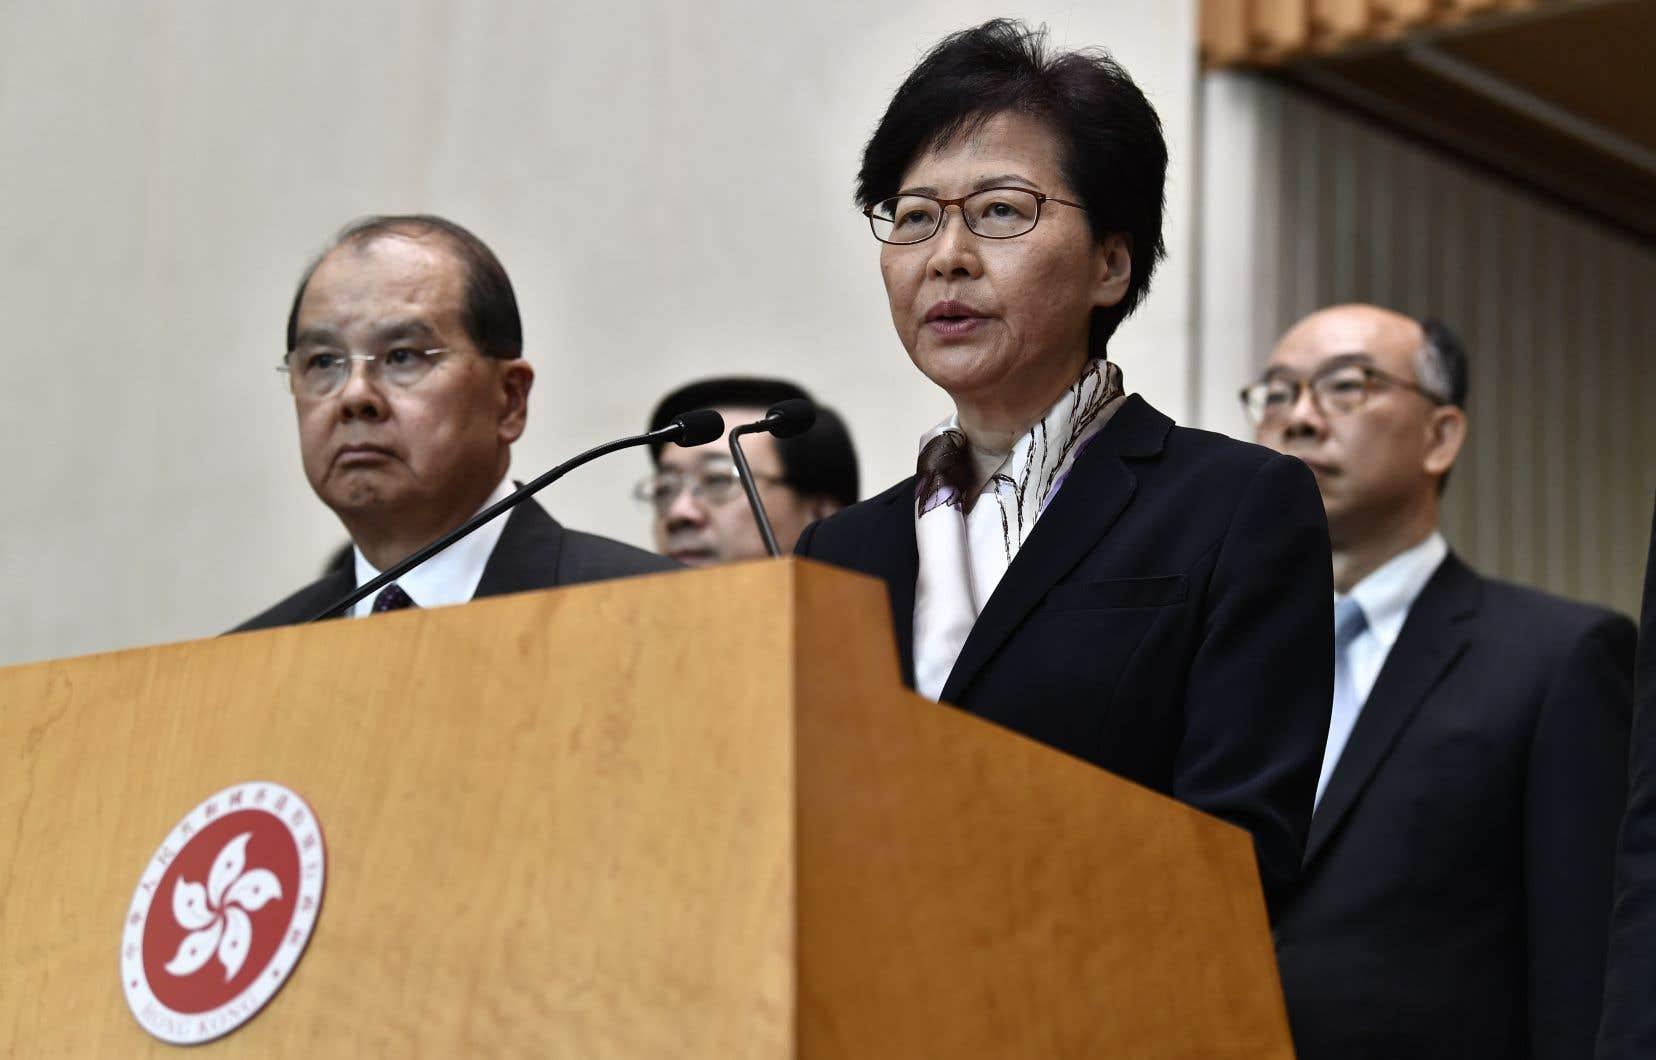 «La violence, que ce soit son utilisation ou son apologie, poussera Hong Kong sur un chemin sans retour et plongera la société hongkongaise vers une situation très inquiétante et dangereuse», a déclaré Carrie Lam lors d'une conférence de presse.